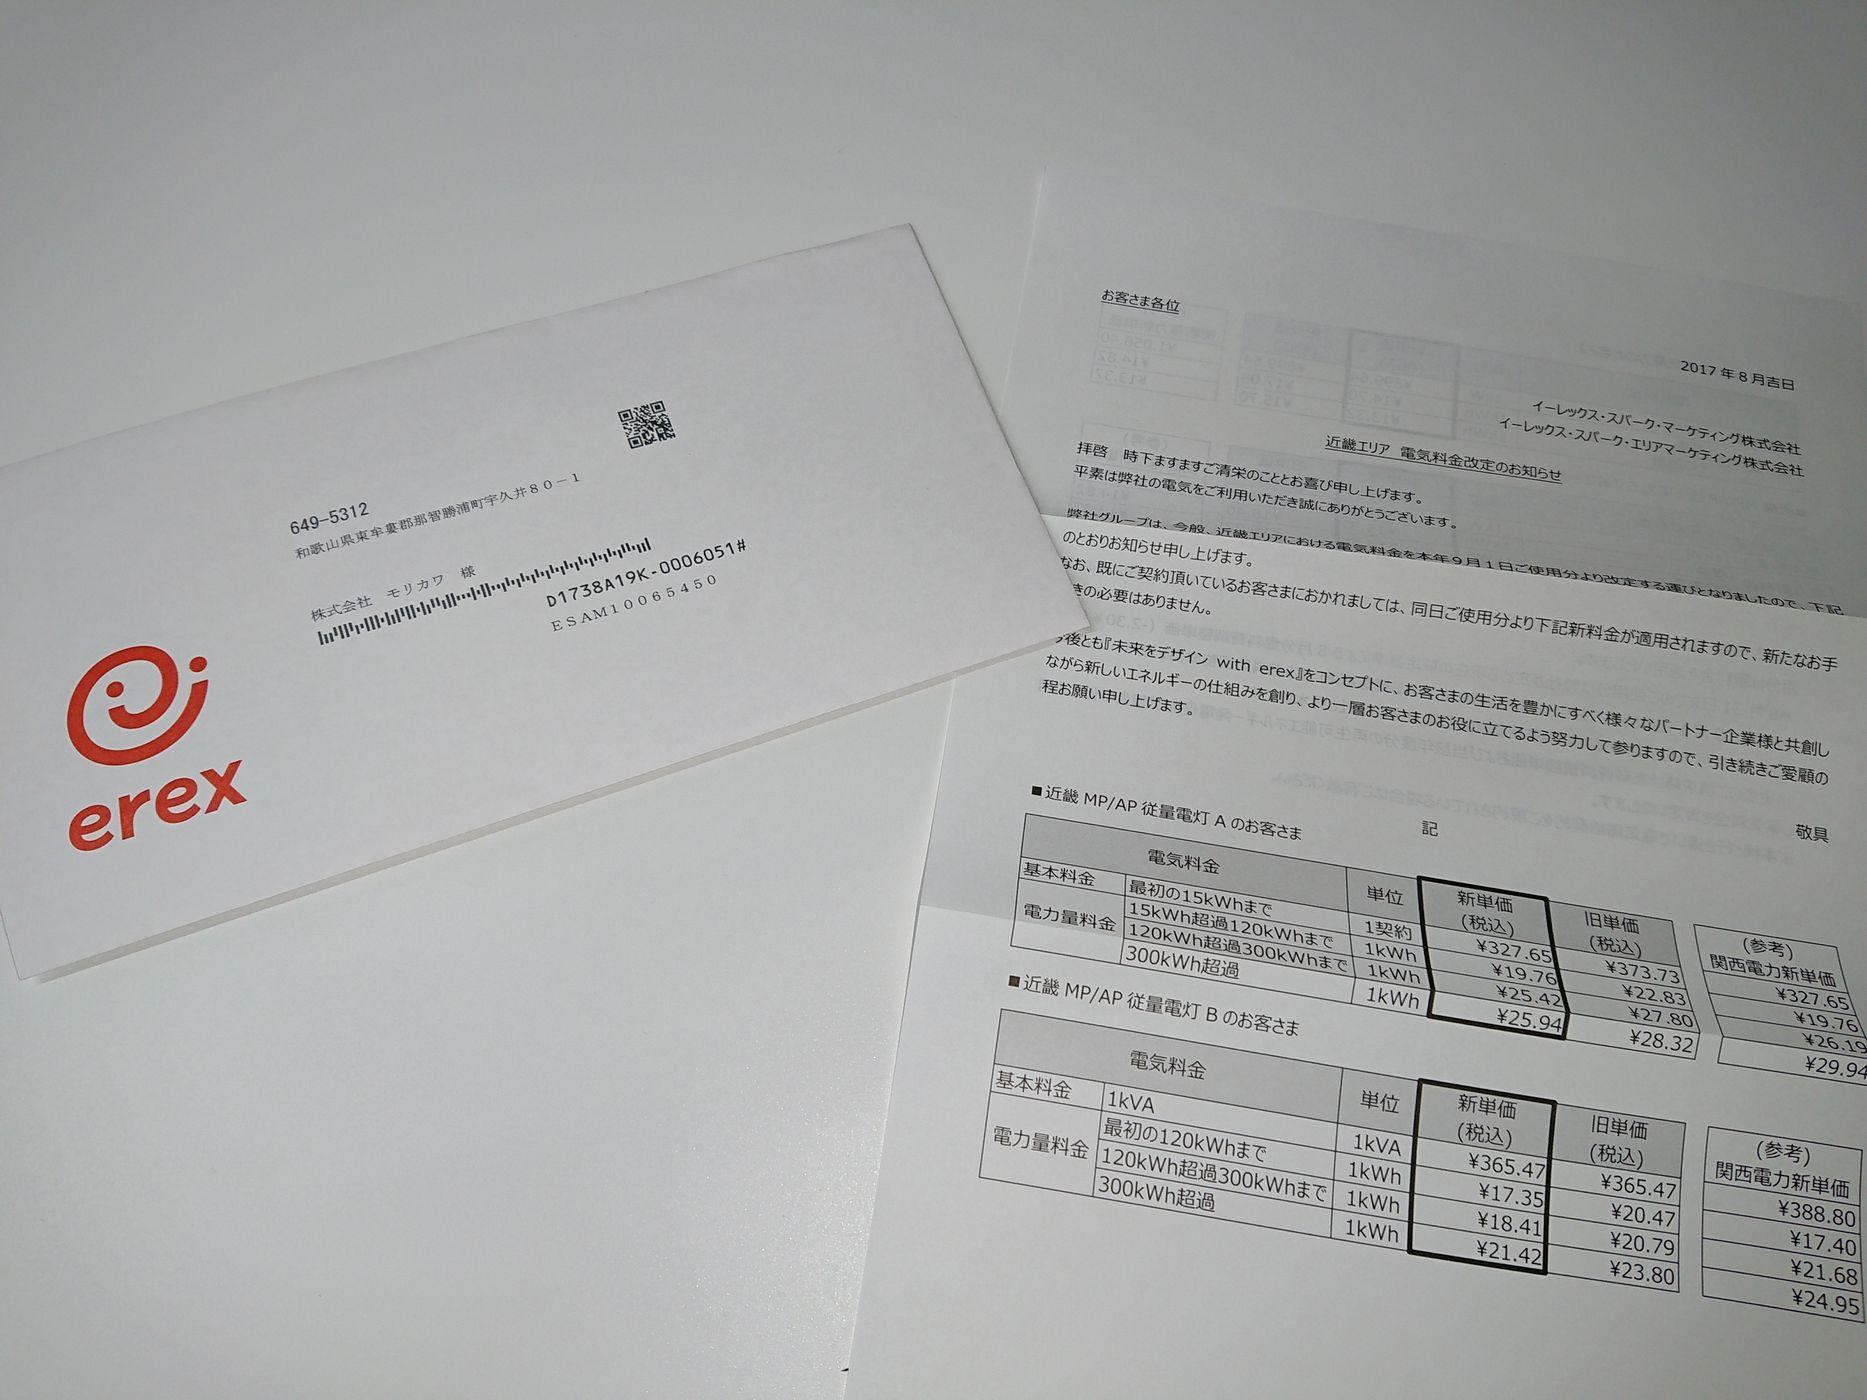 近畿エリア電気料金改定のお知らせ